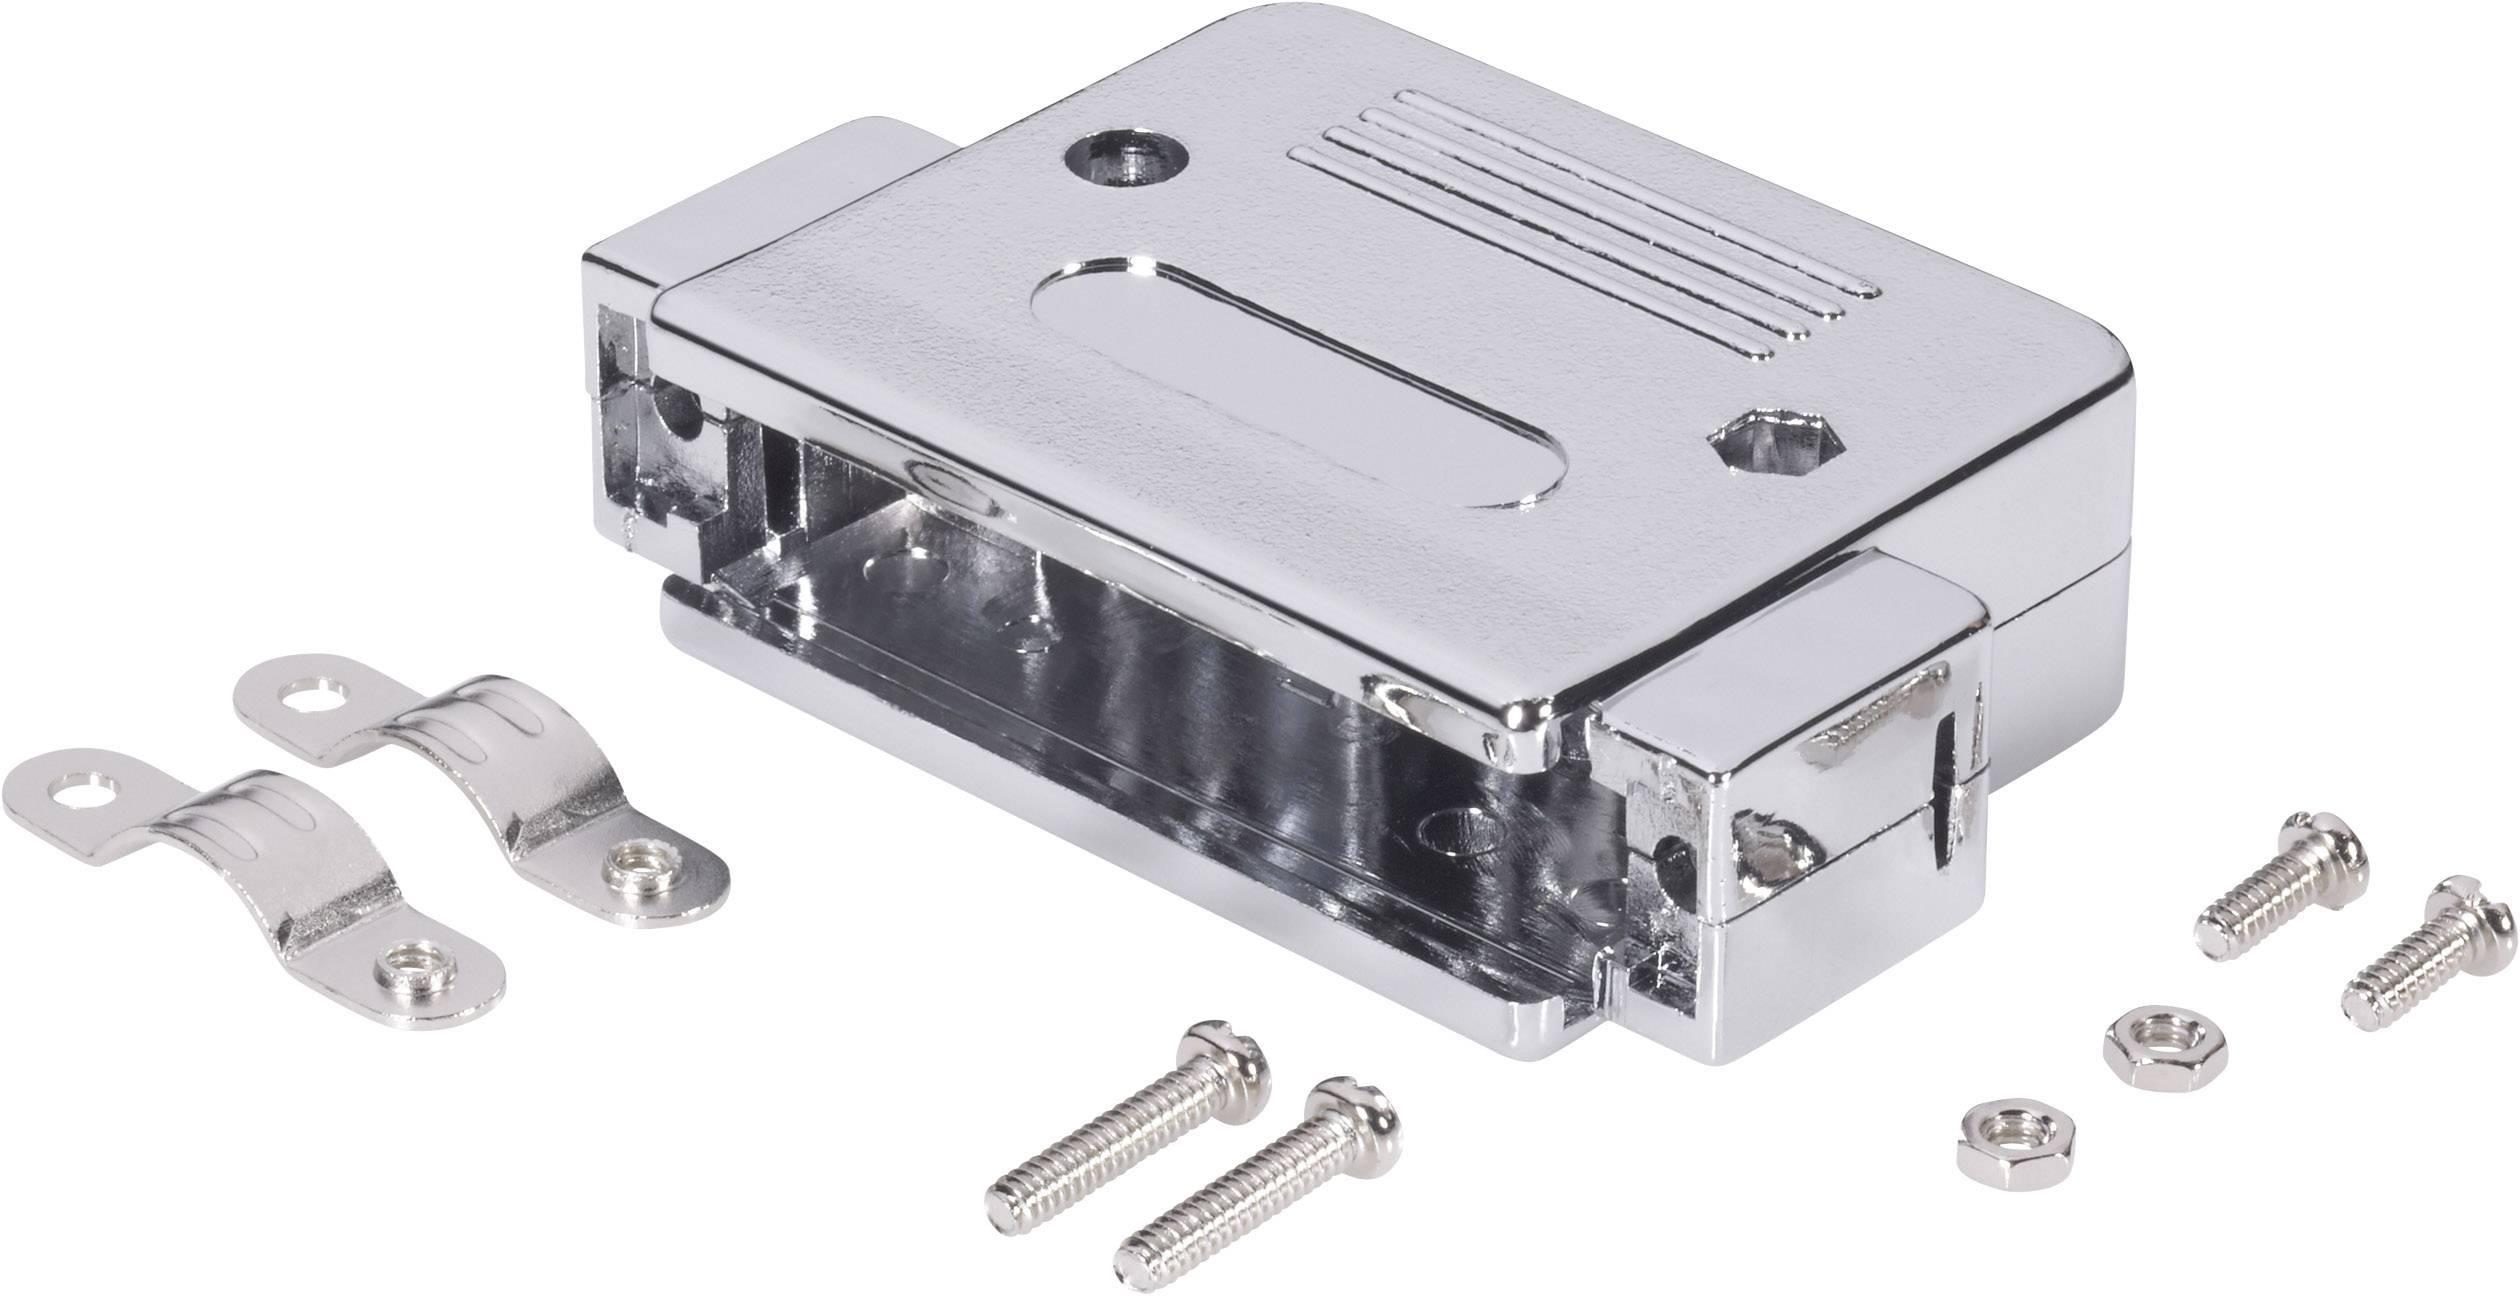 D-SUB púzdro BKL Electronic 10120077 10120077, Počet pinov: 15, plast, pokovaný, 180 °, strieborná, 1 ks